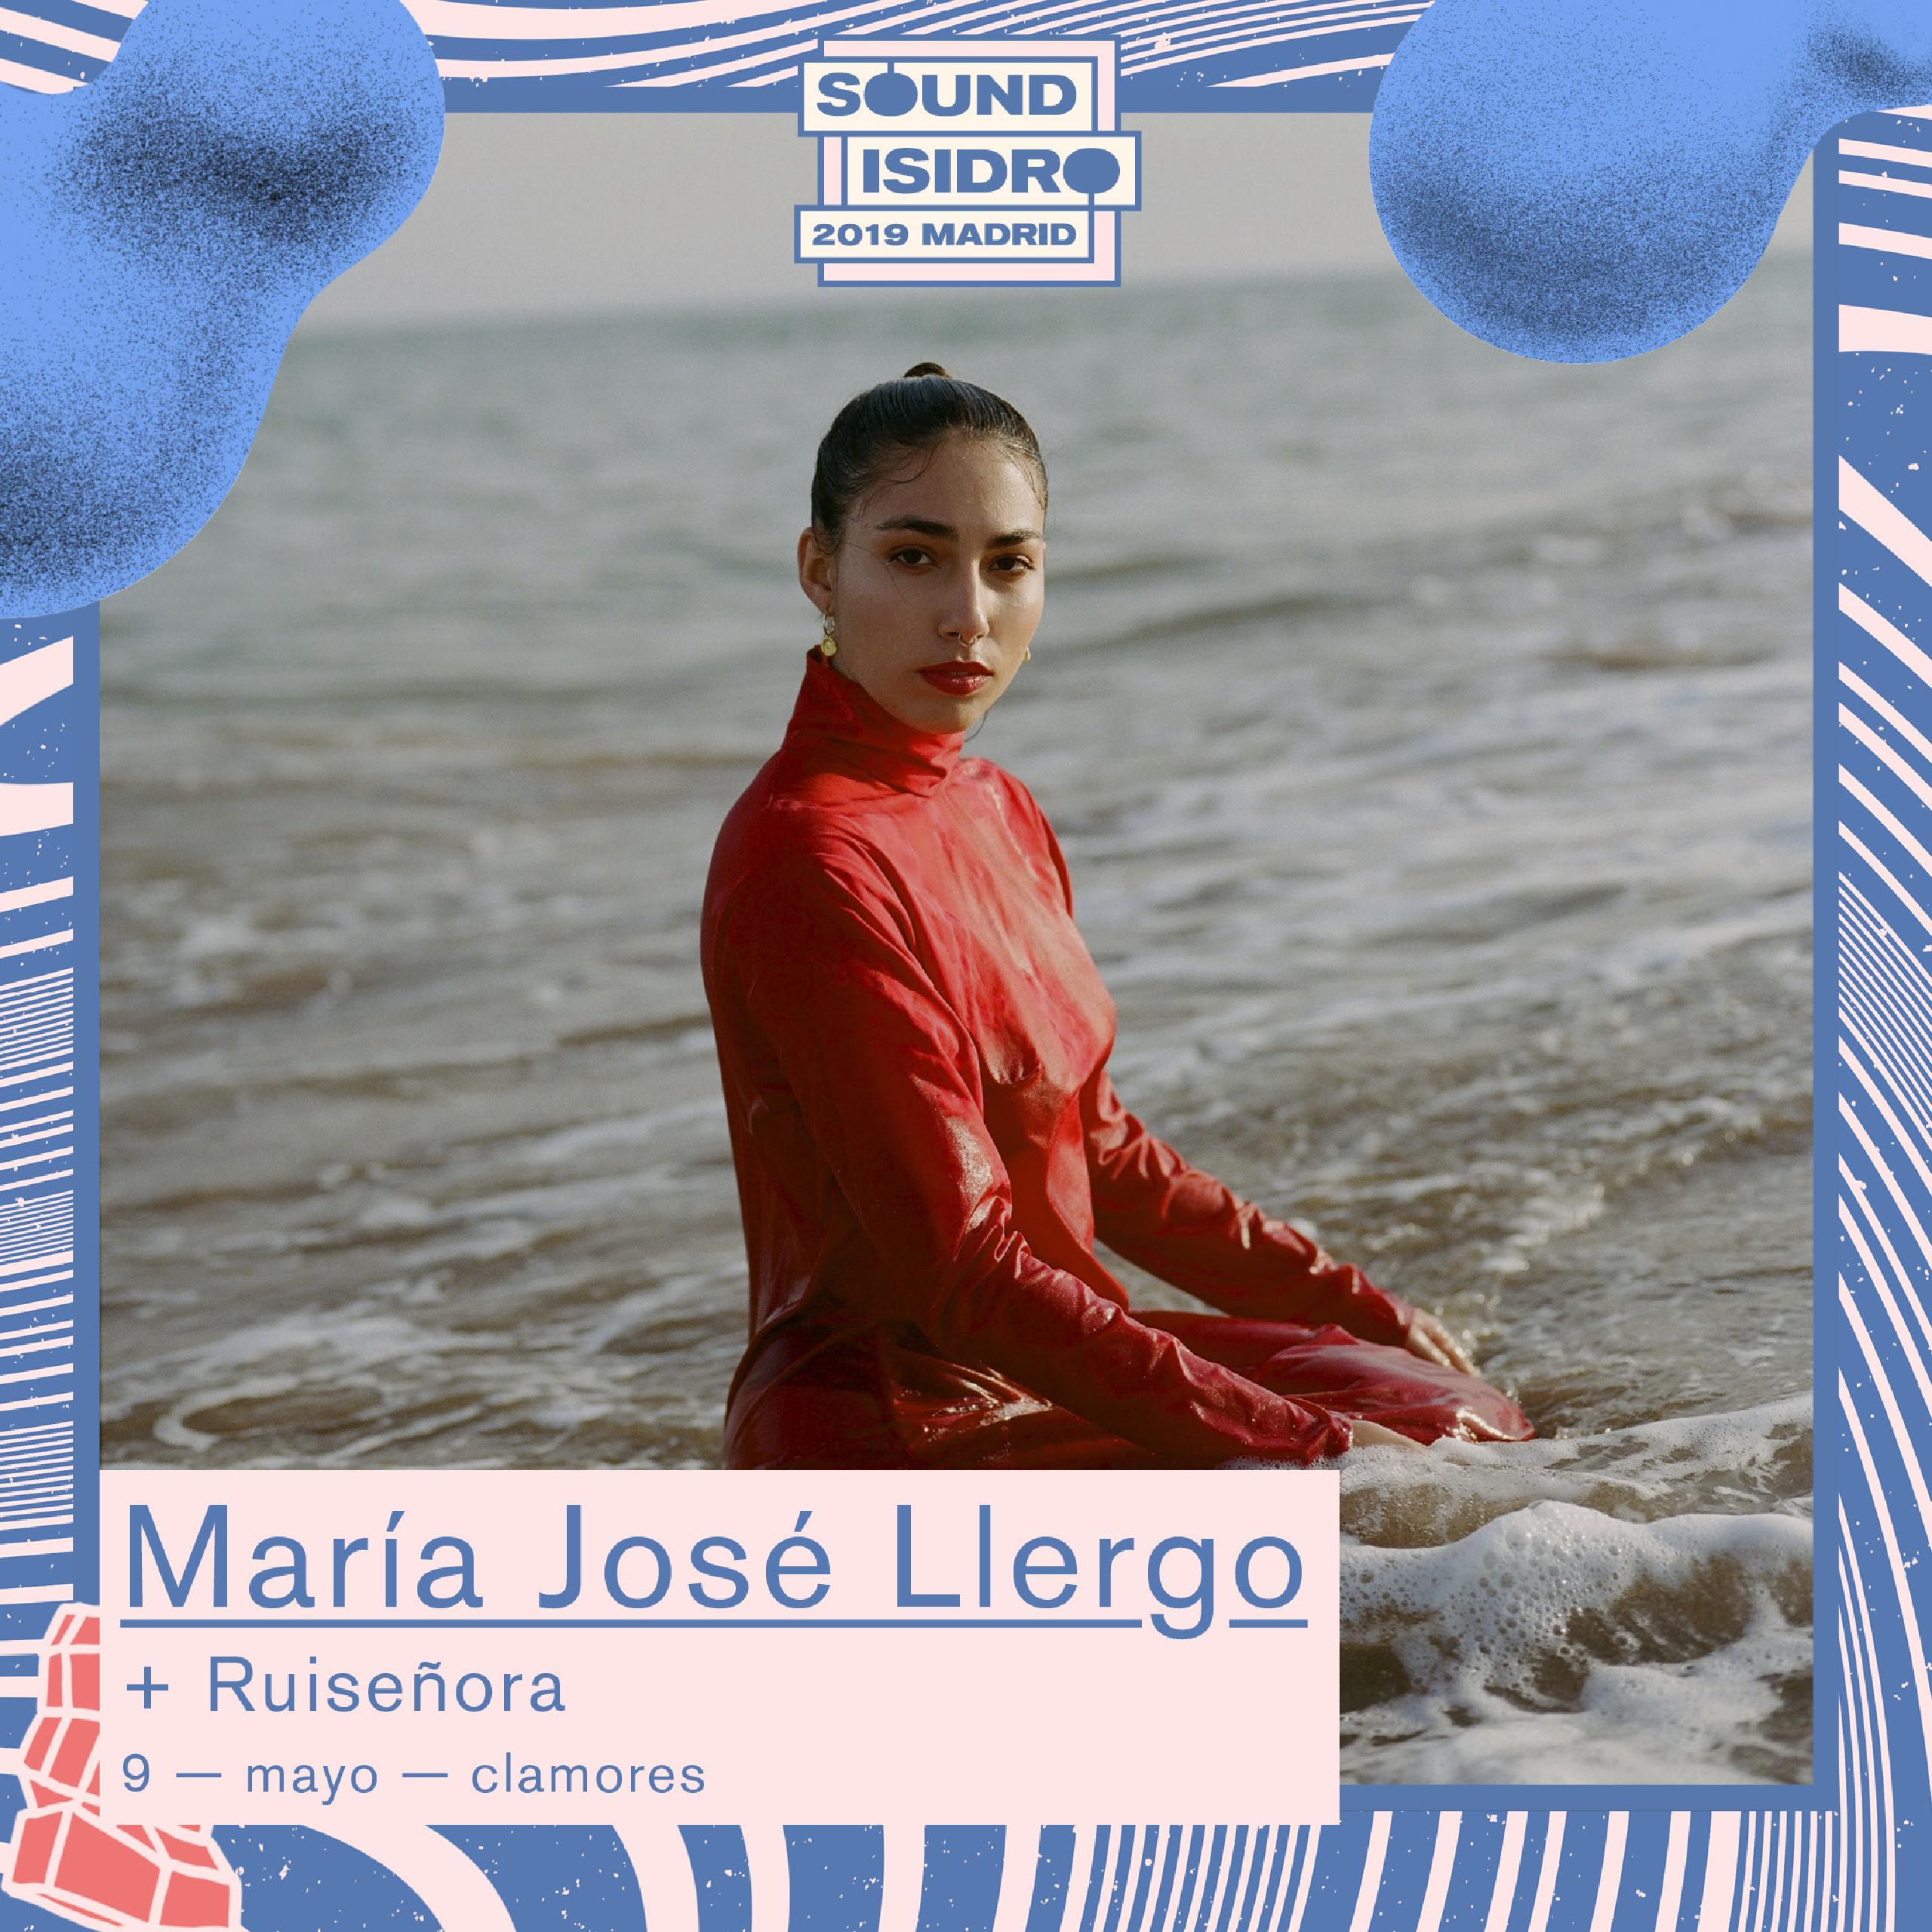 María jose Llergo concierto Madrid Sound Isidro